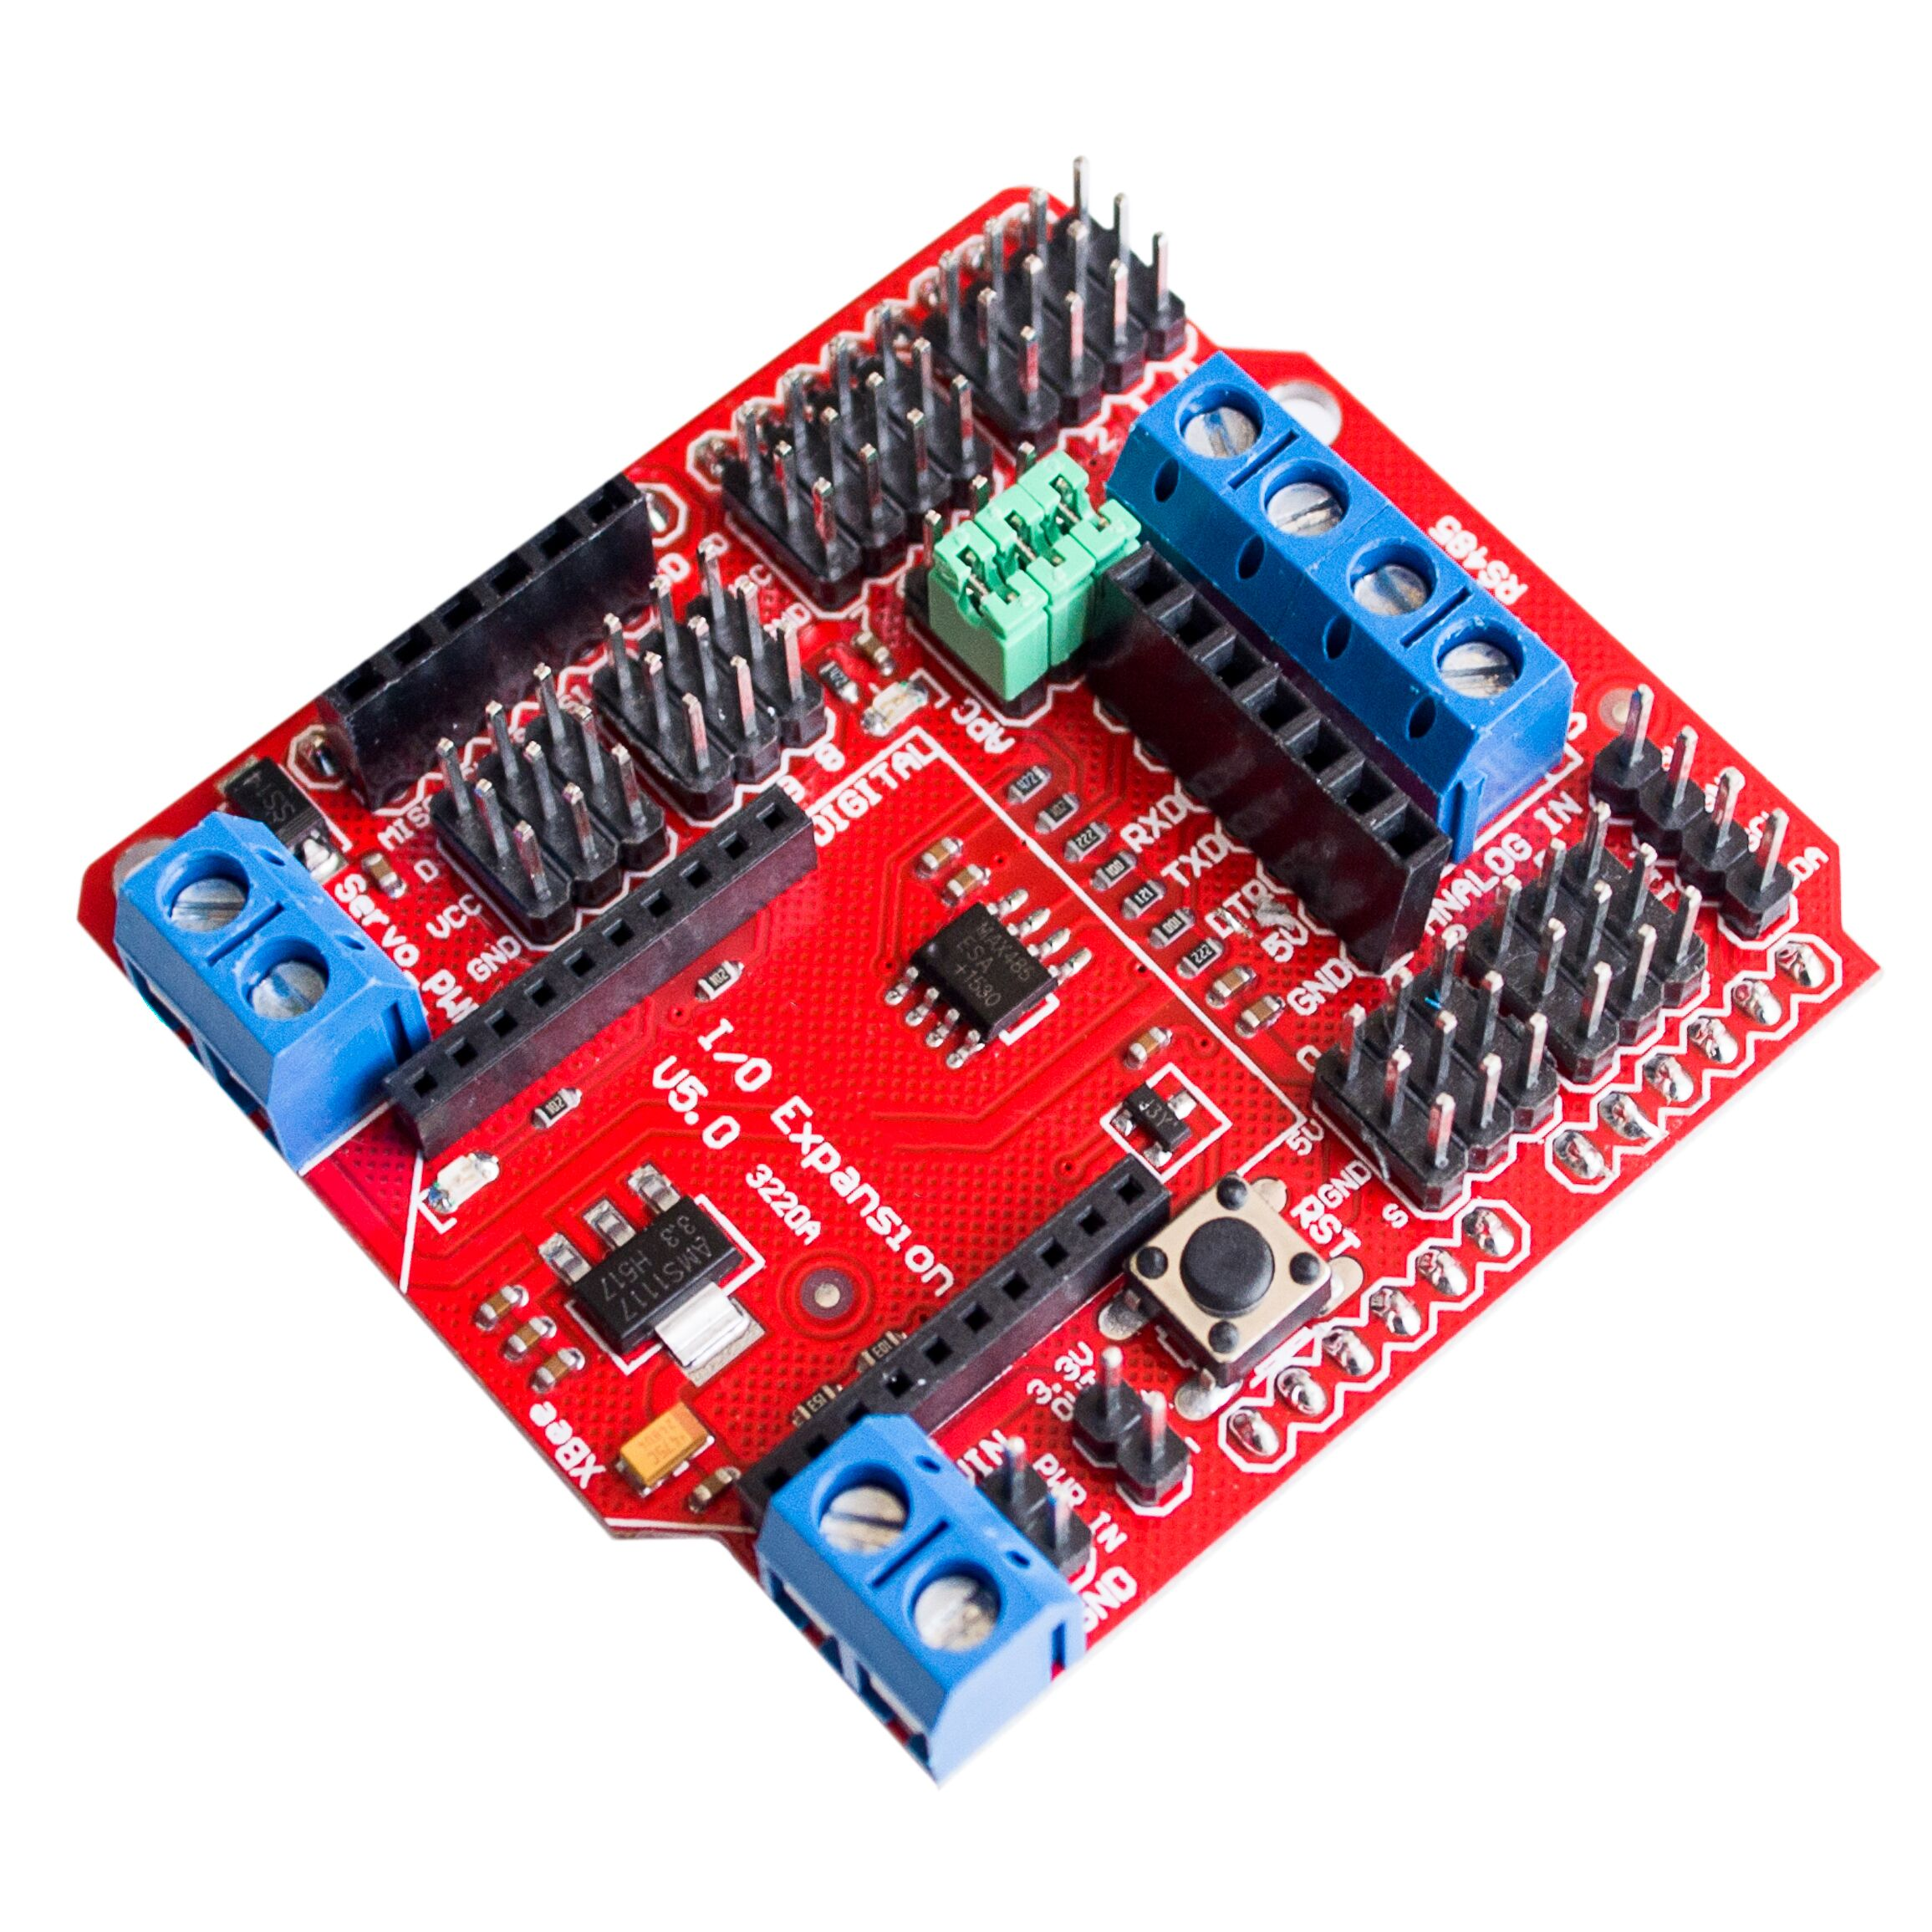 Xbee sensor shield V5 con RS485 y interfaz Bluetooth BLUEBEE para